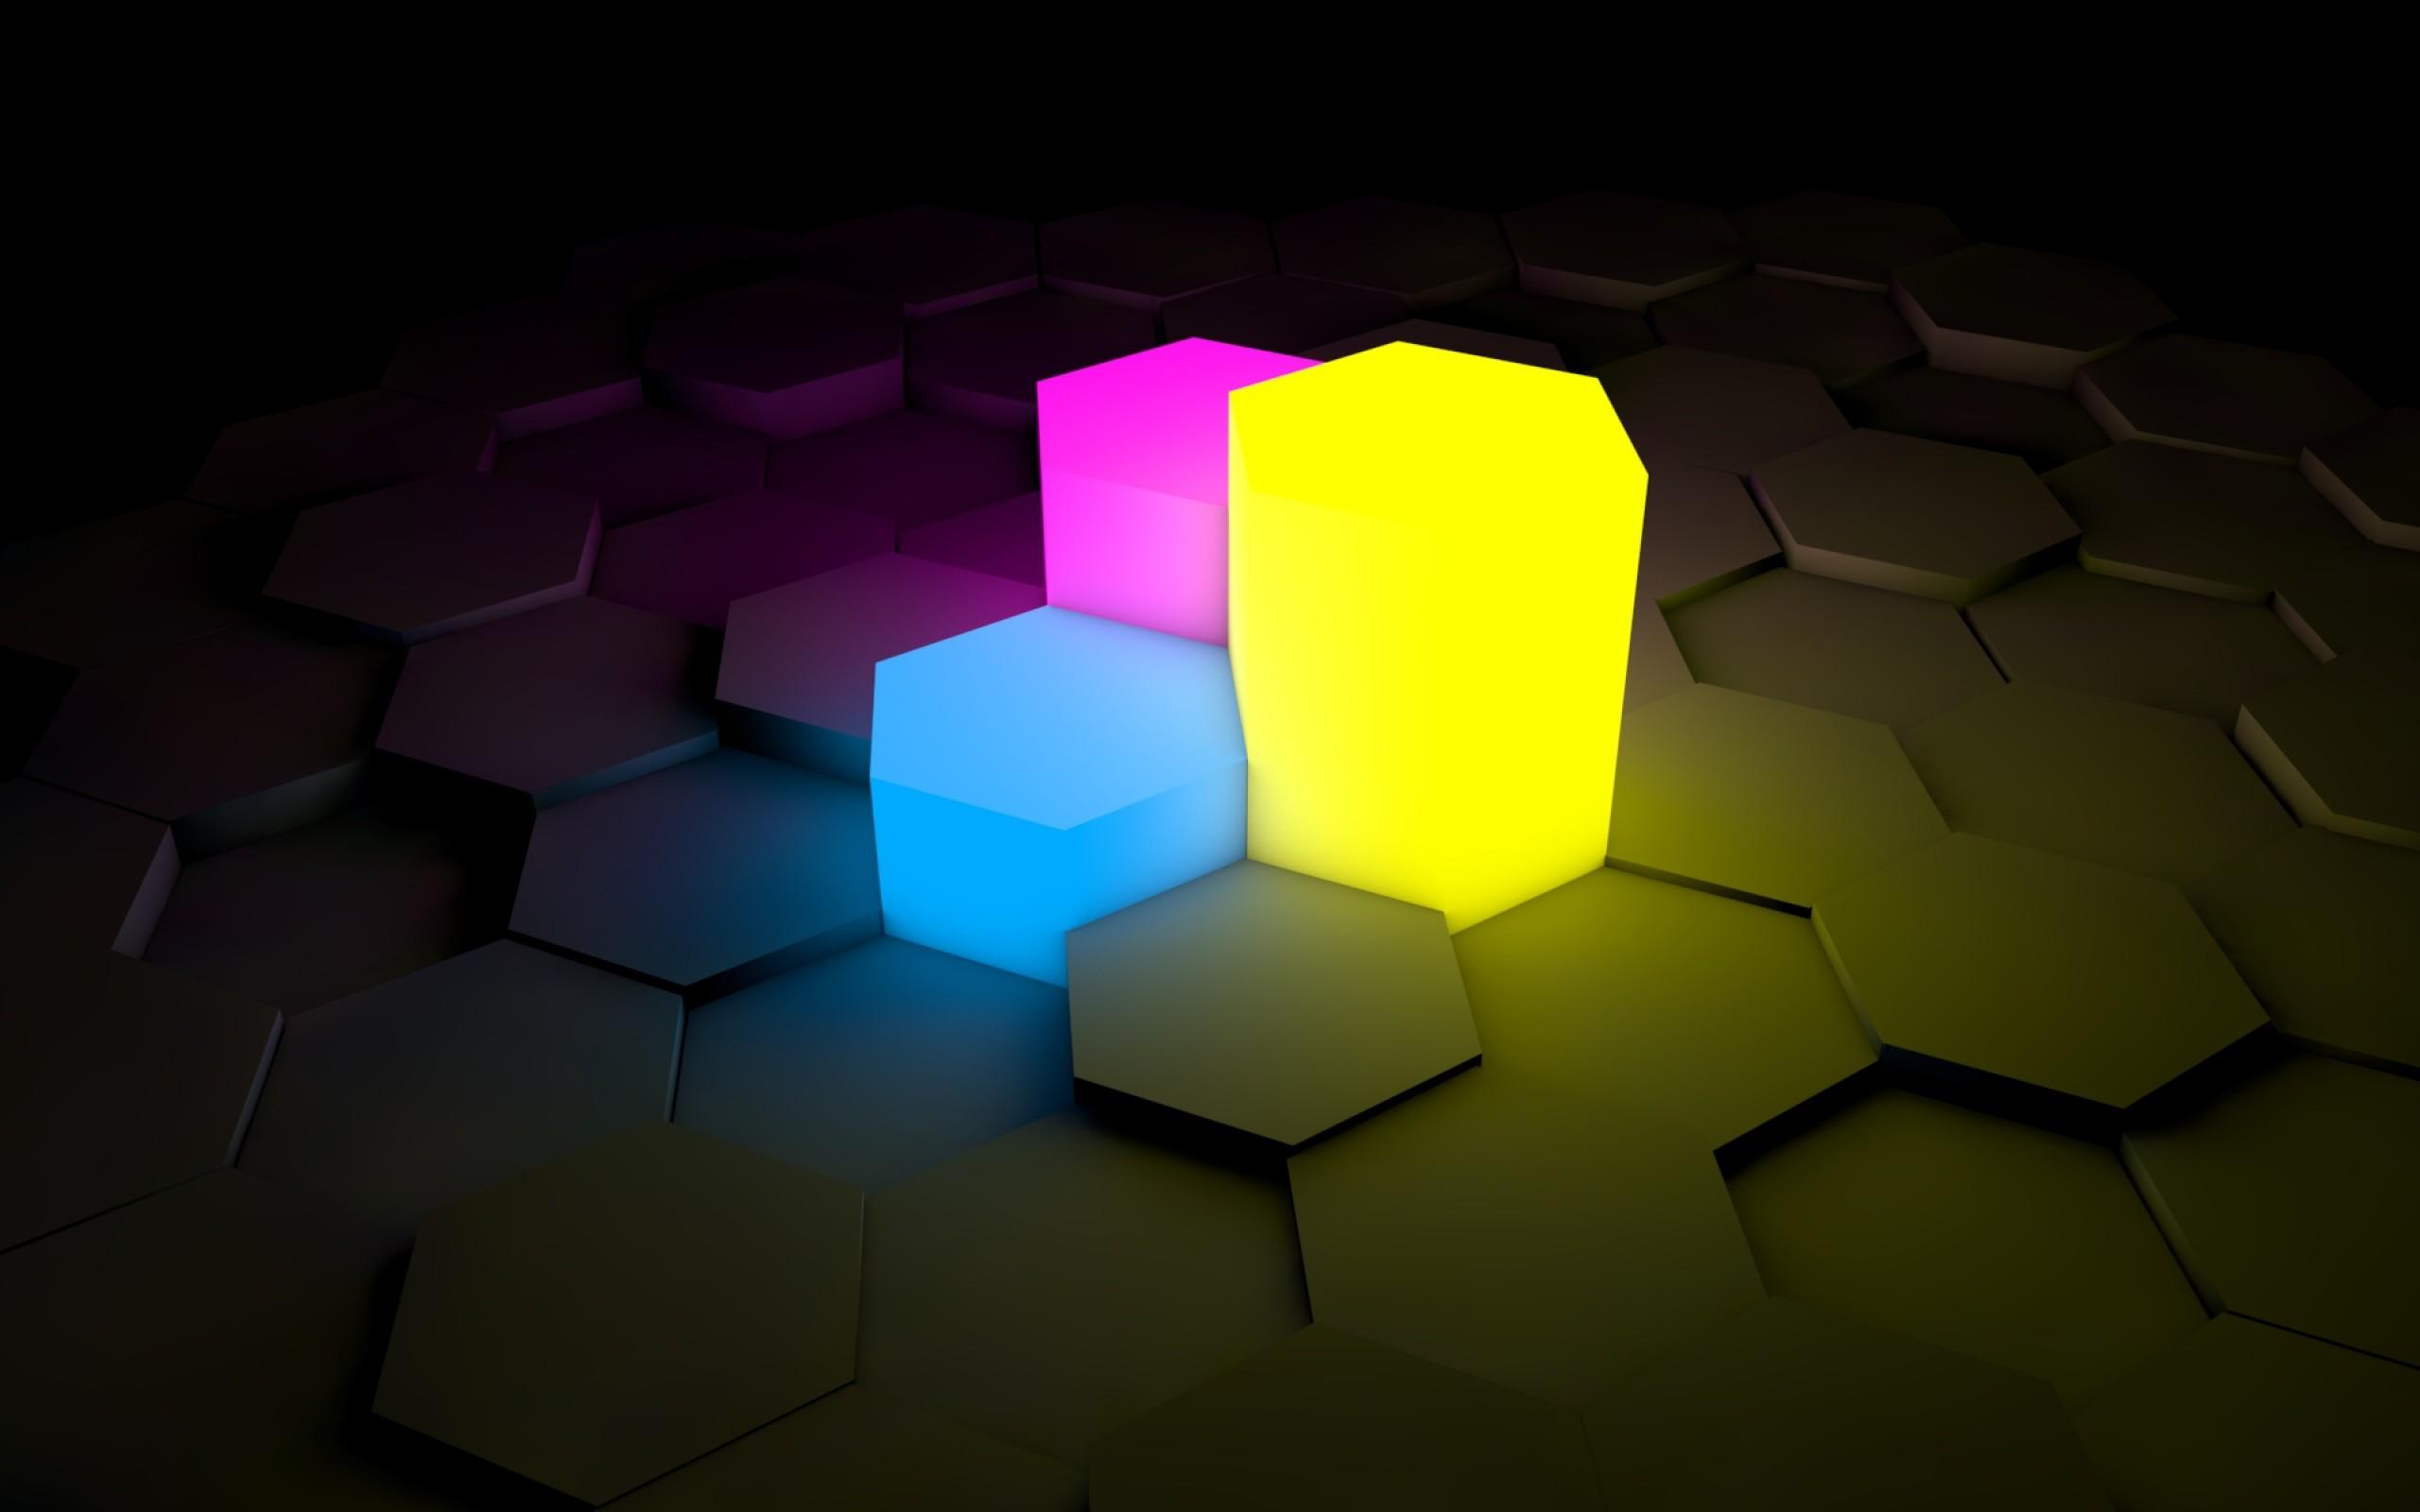 Neon Light Surface HD Wallpaper